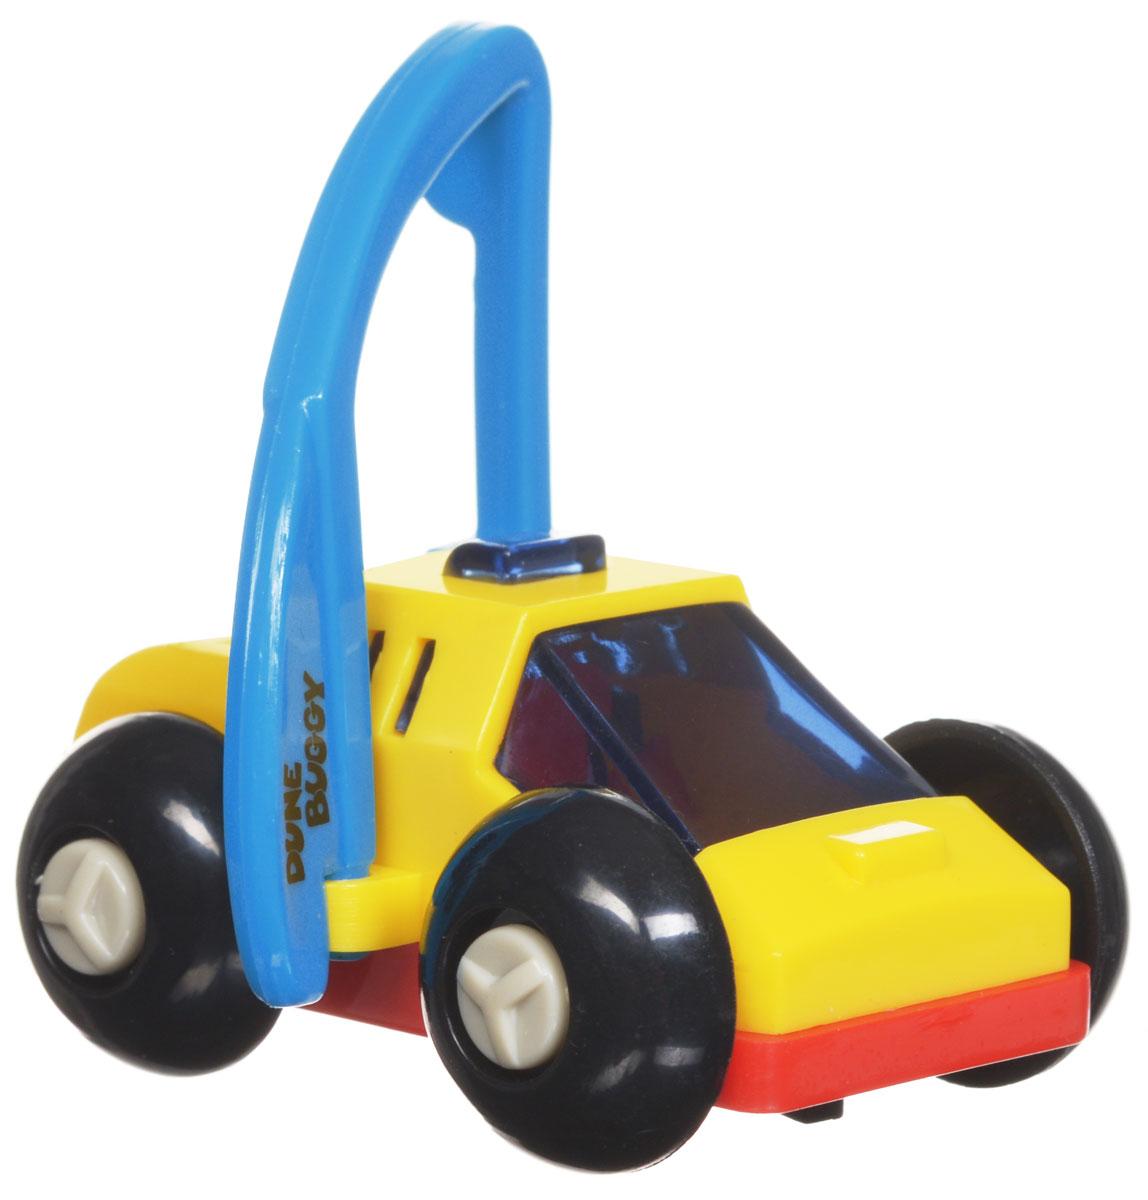 Hans Игрушка заводная Багги цвет желтый красный голубой2K-62BDИгрушка Hans Багги привлечет внимание вашего малыша и не позволит ему скучать! Выполненная из безопасного пластика, игрушка представляет собой забавную машинку. Игрушка имеет механический завод. Для запуска, придерживая колеса, поверните заводной ключ по часовой стрелке до упора. Установите игрушку на поверхность, и она поедет вперед, также во время движения машинка поднимается на задние колеса. Заводная игрушка Hans Багги поможет ребенку в развитии воображения, мелкой моторики рук, концентрации внимания и цветового восприятия.